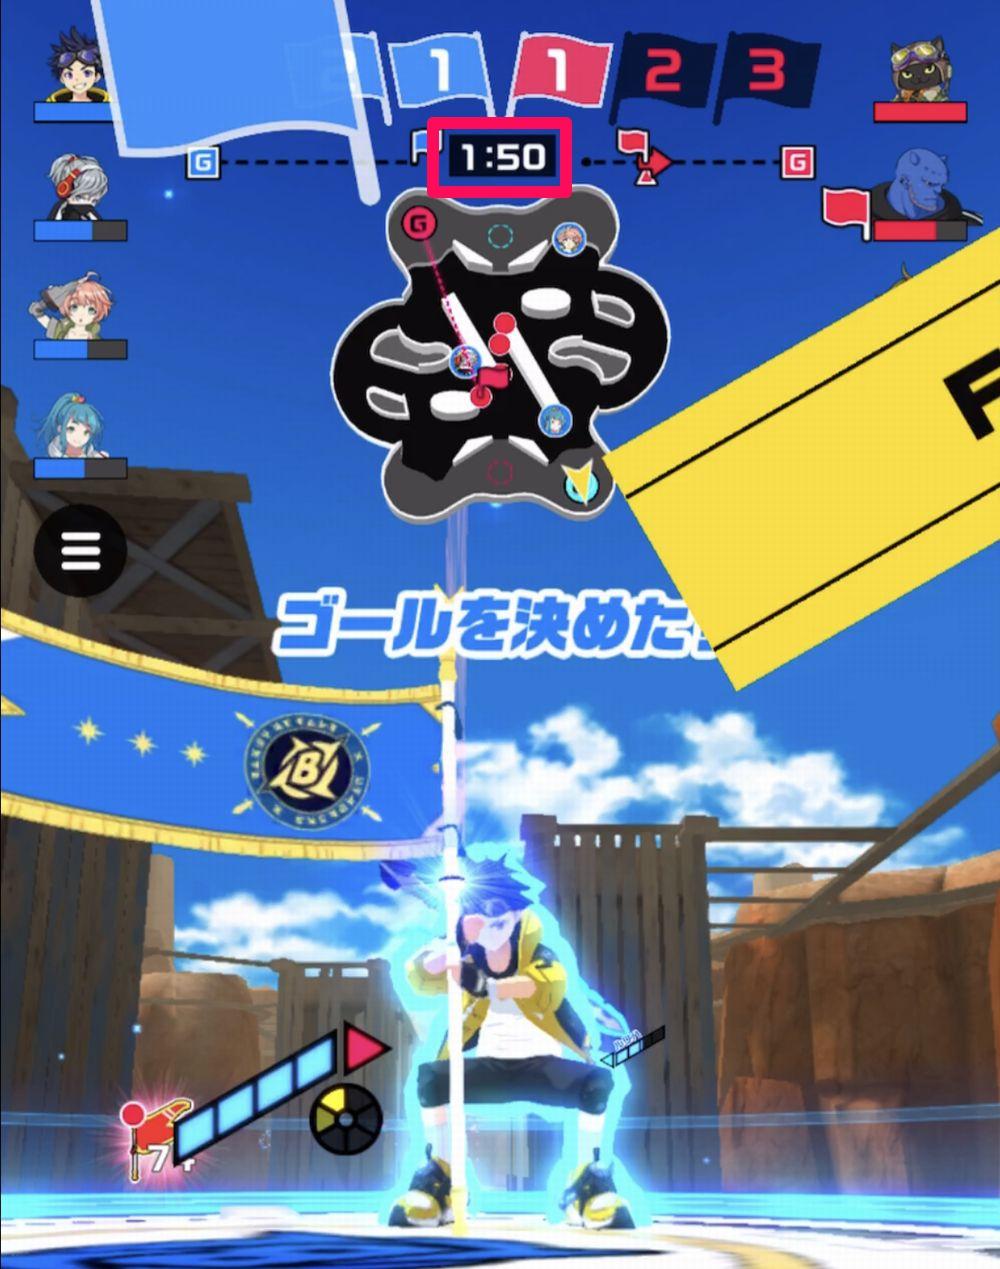 キックフライト【攻略】:フラッグフライトの基本ルールを解説!ロールごとの立ち回りやおすすめキッカーも紹介!!